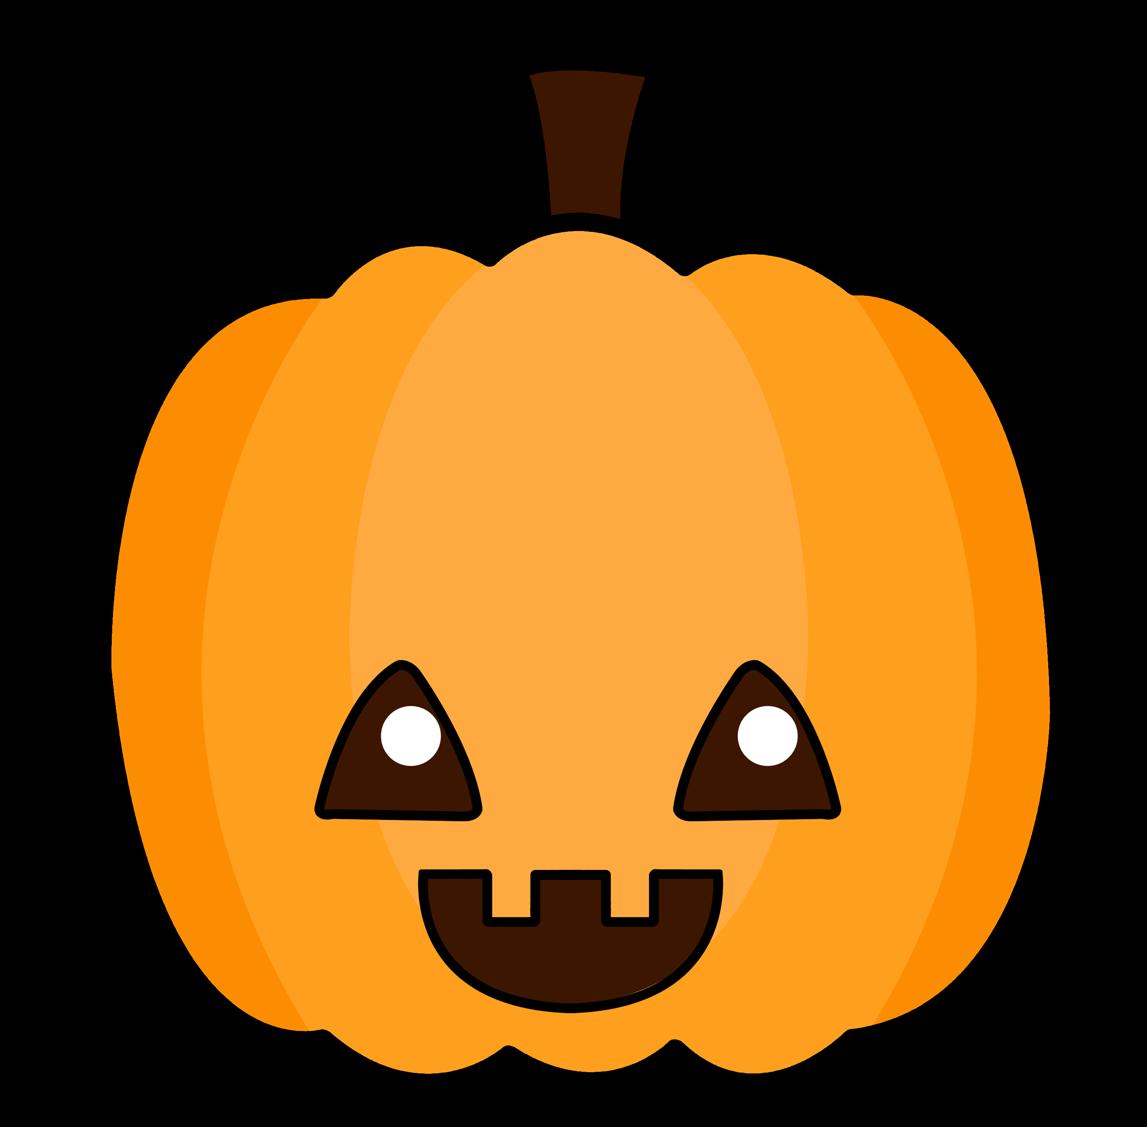 Jackolantern clipart halloween, Jackolantern halloween.